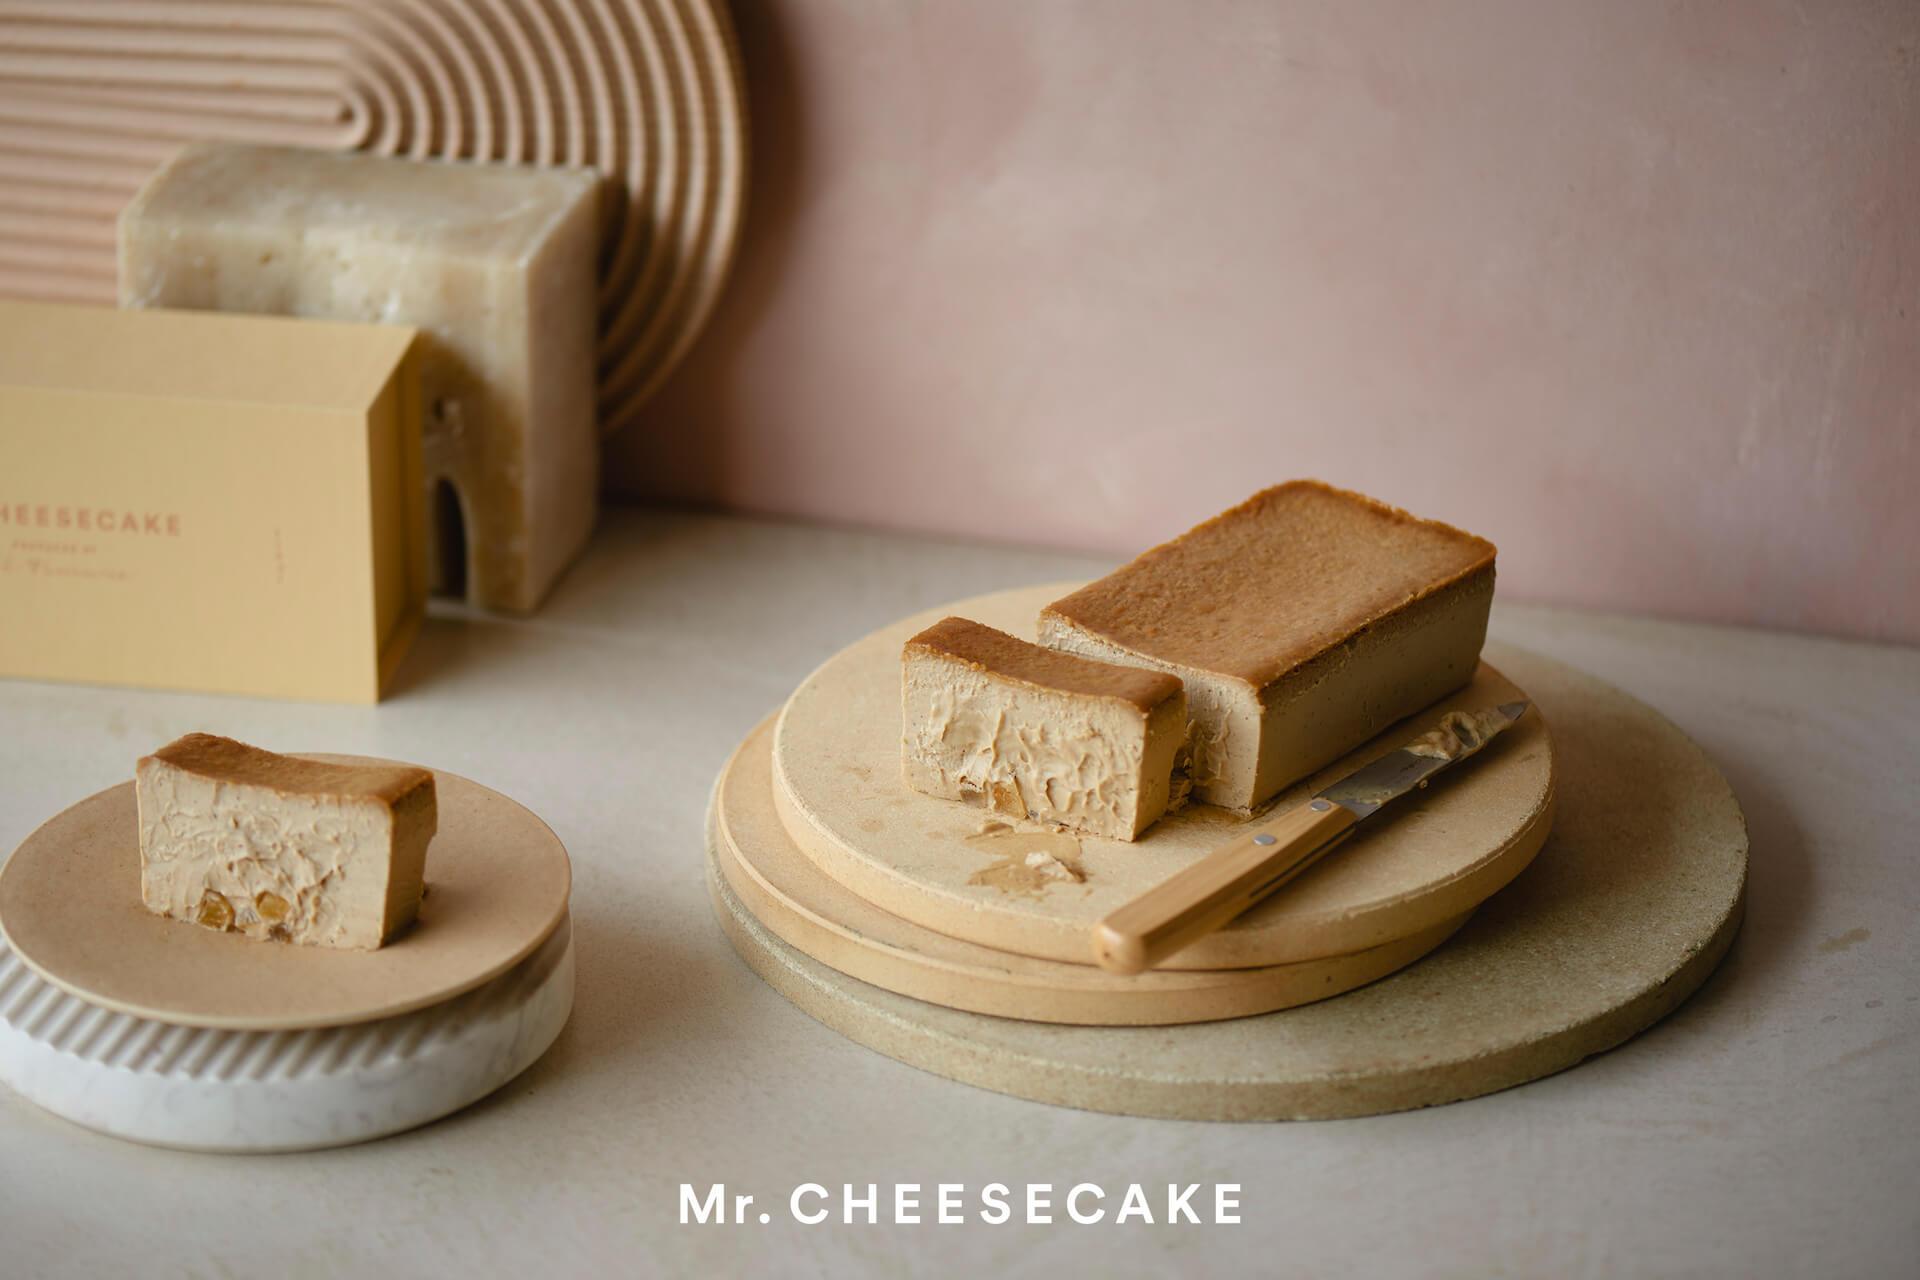 即完売で話題のMr. CHEESECAKEからバレンタイン限定チーズケーキが発売決定!フランス菓子「ノワゼットシトロン」風味 gourmet21113_mrcheesecake_valentine_1